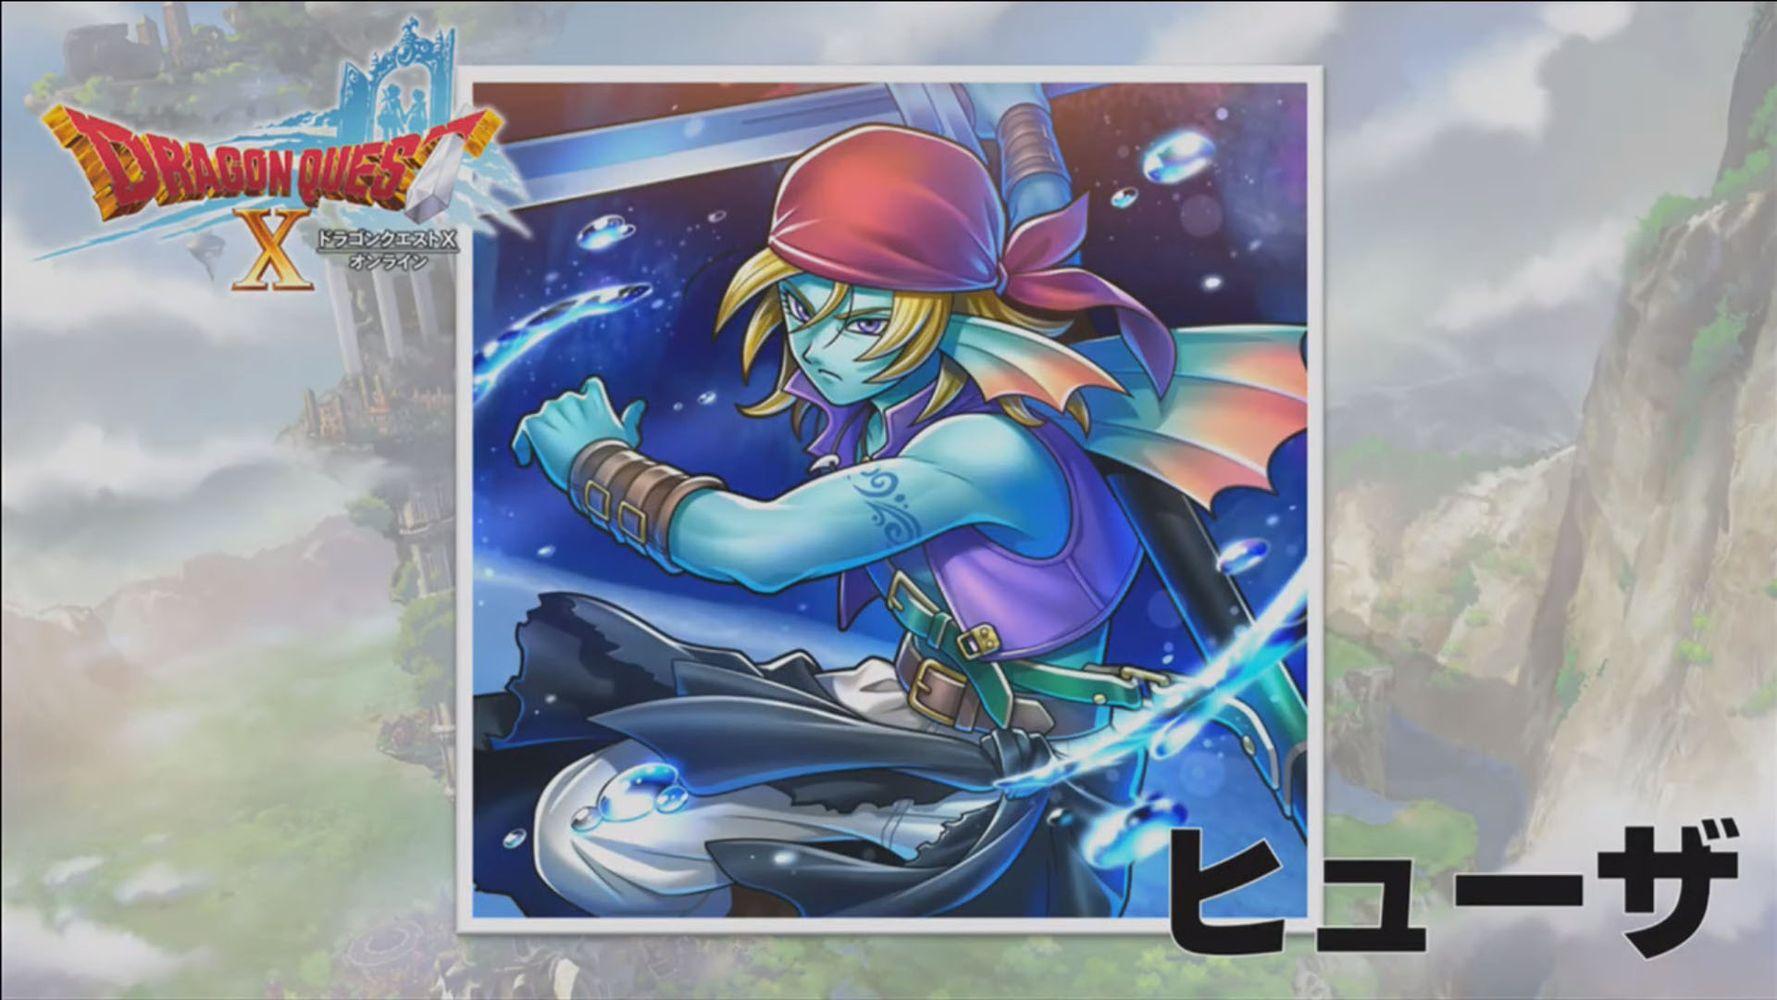 Dragon Quest X: aperti i preordini per la quarta espansione